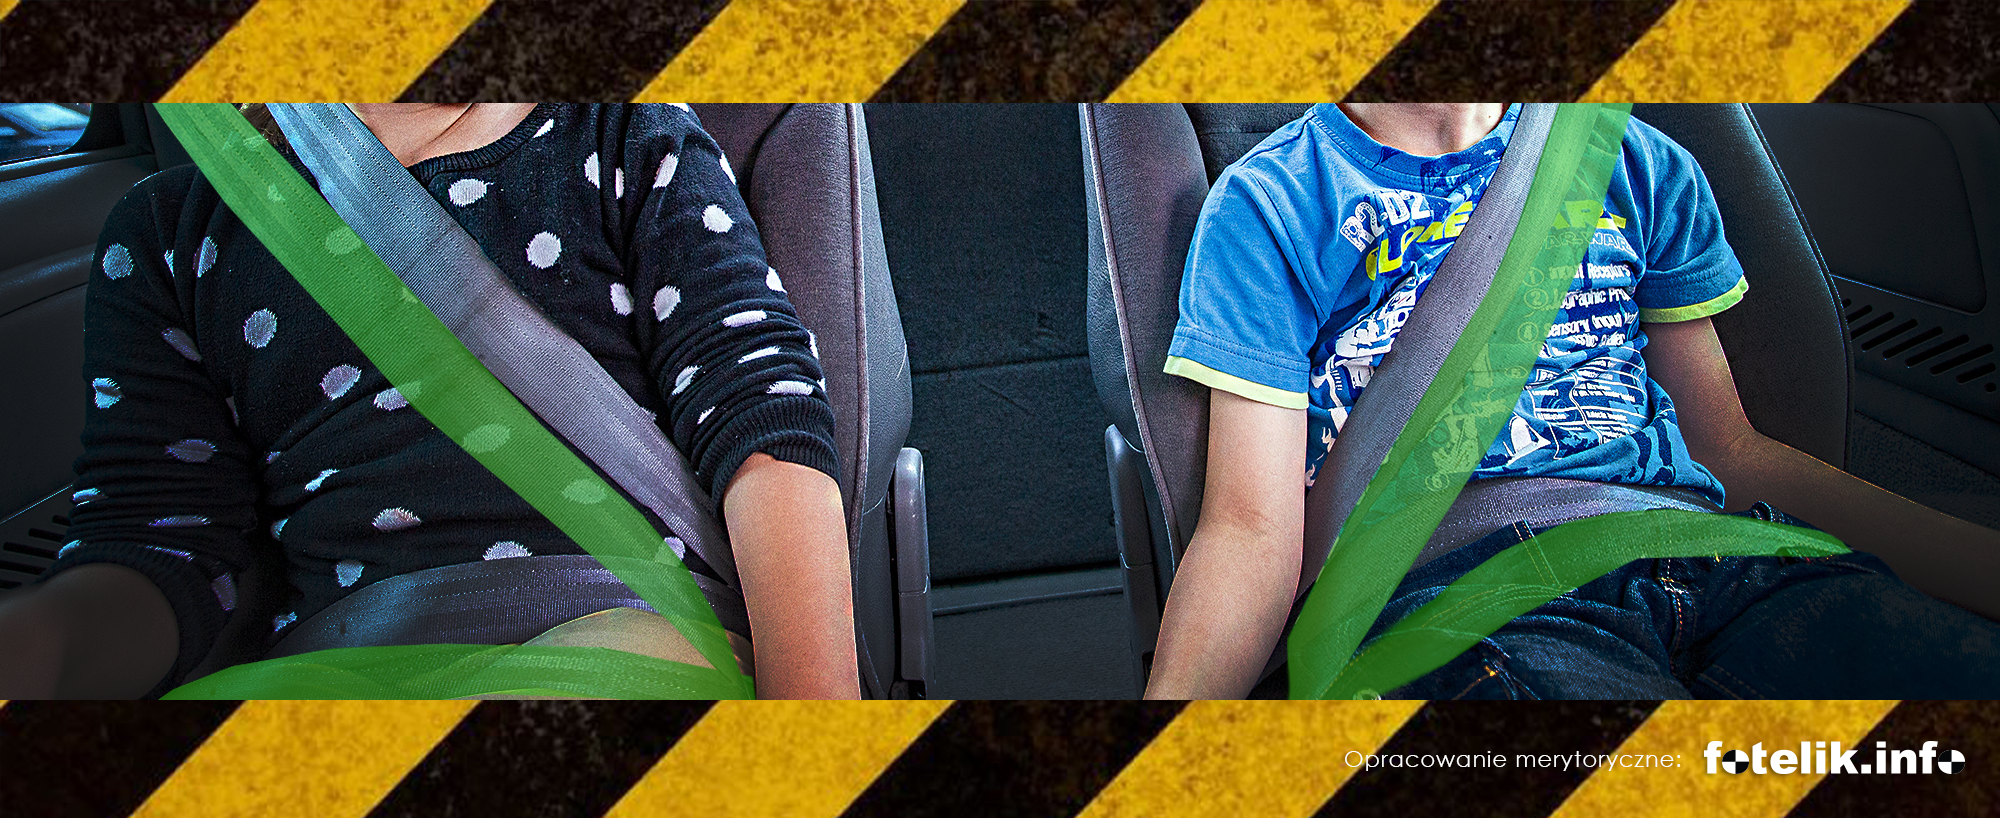 135 cm wzrostu i jazda bez fotelika to śmiertelnie niebezpieczny pomysł!